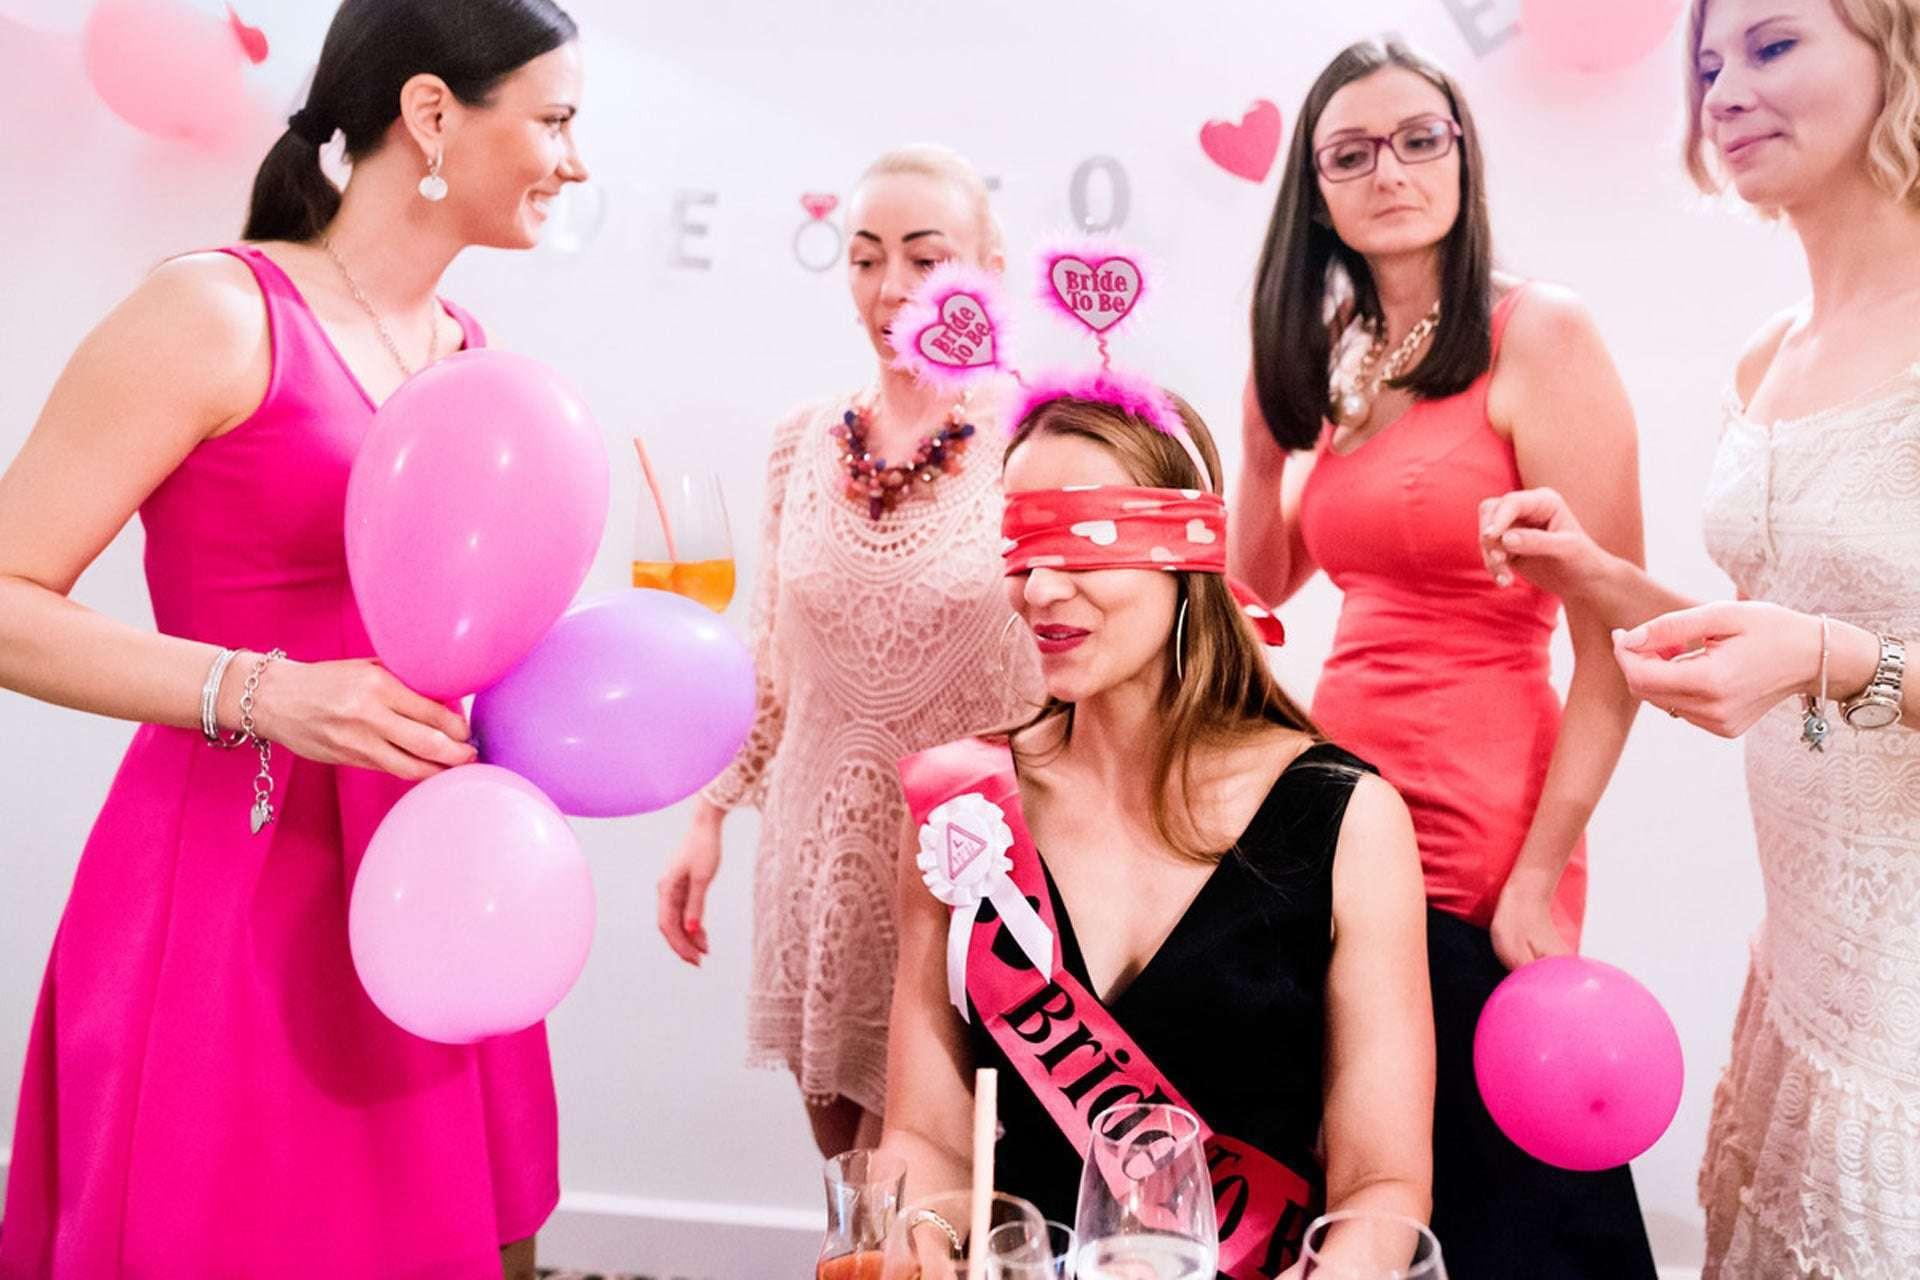 Under 21 Bachelorette Party Ideas  Best & Unique Baby shoot Ideas 2019 Cute Shoot